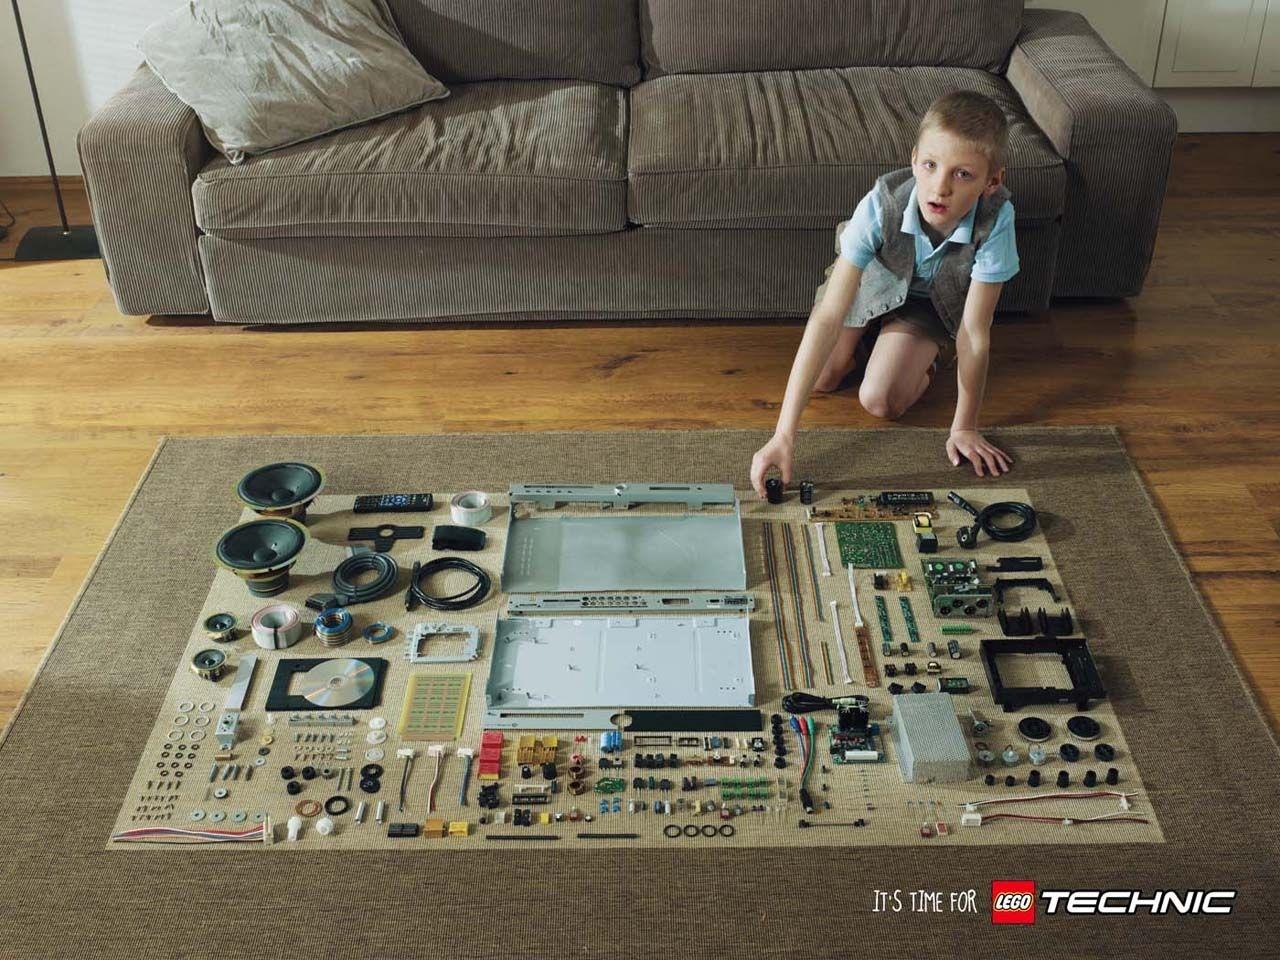 乐高Lego Technic广告创意:起居室篇